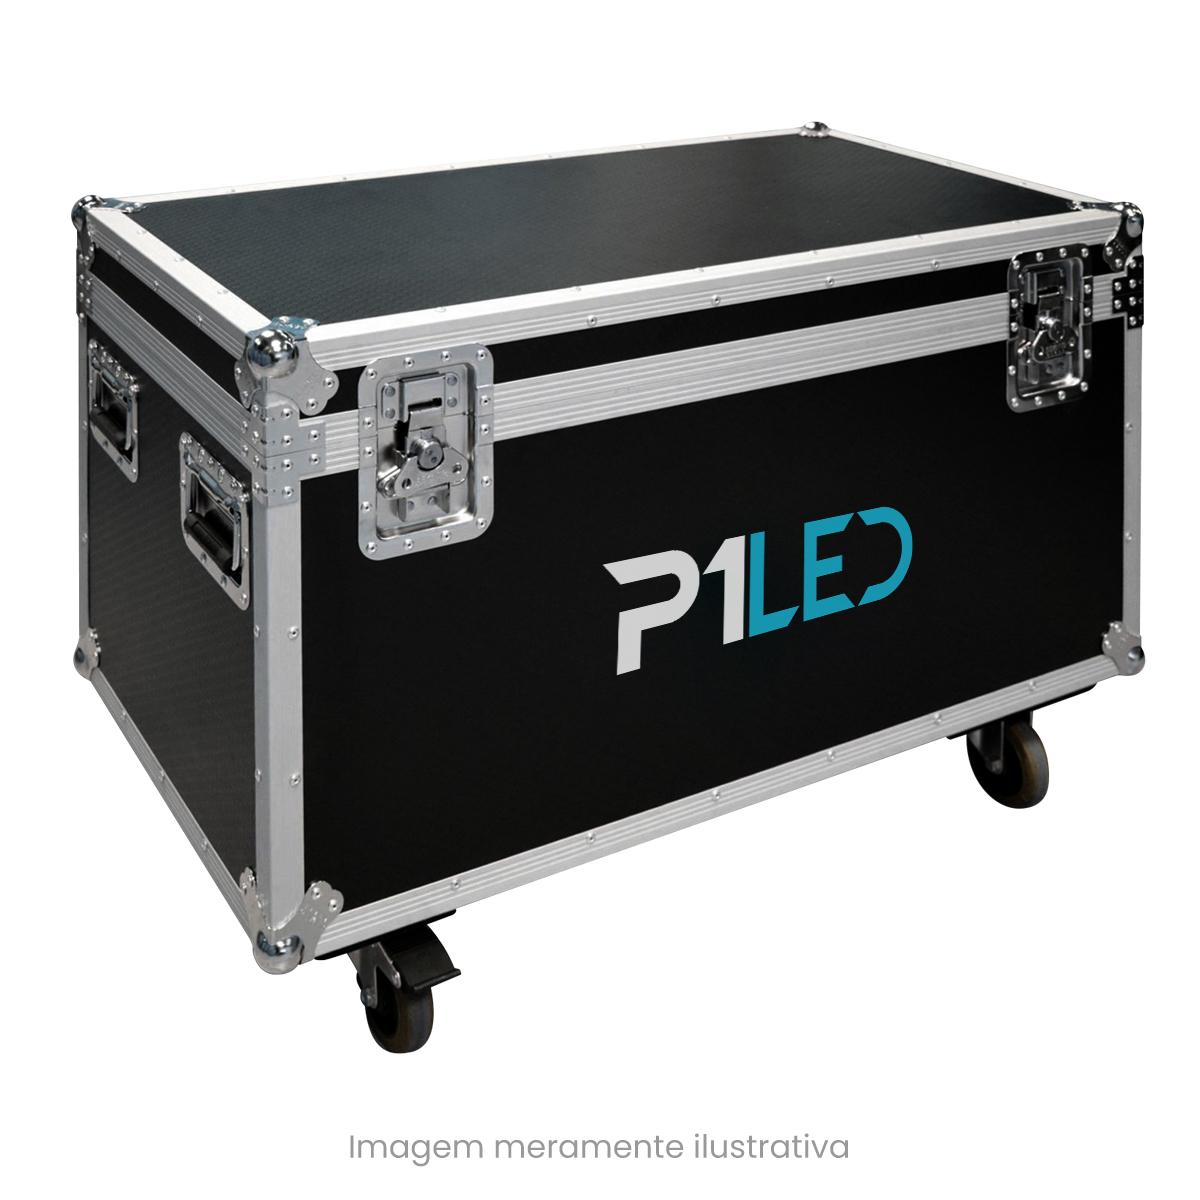 Painel de LED para Fachada 4x3 - Telão P3 Outdoor  - Painel e Telão de LED - O Melhor Preço em Painel de LED | P1LED